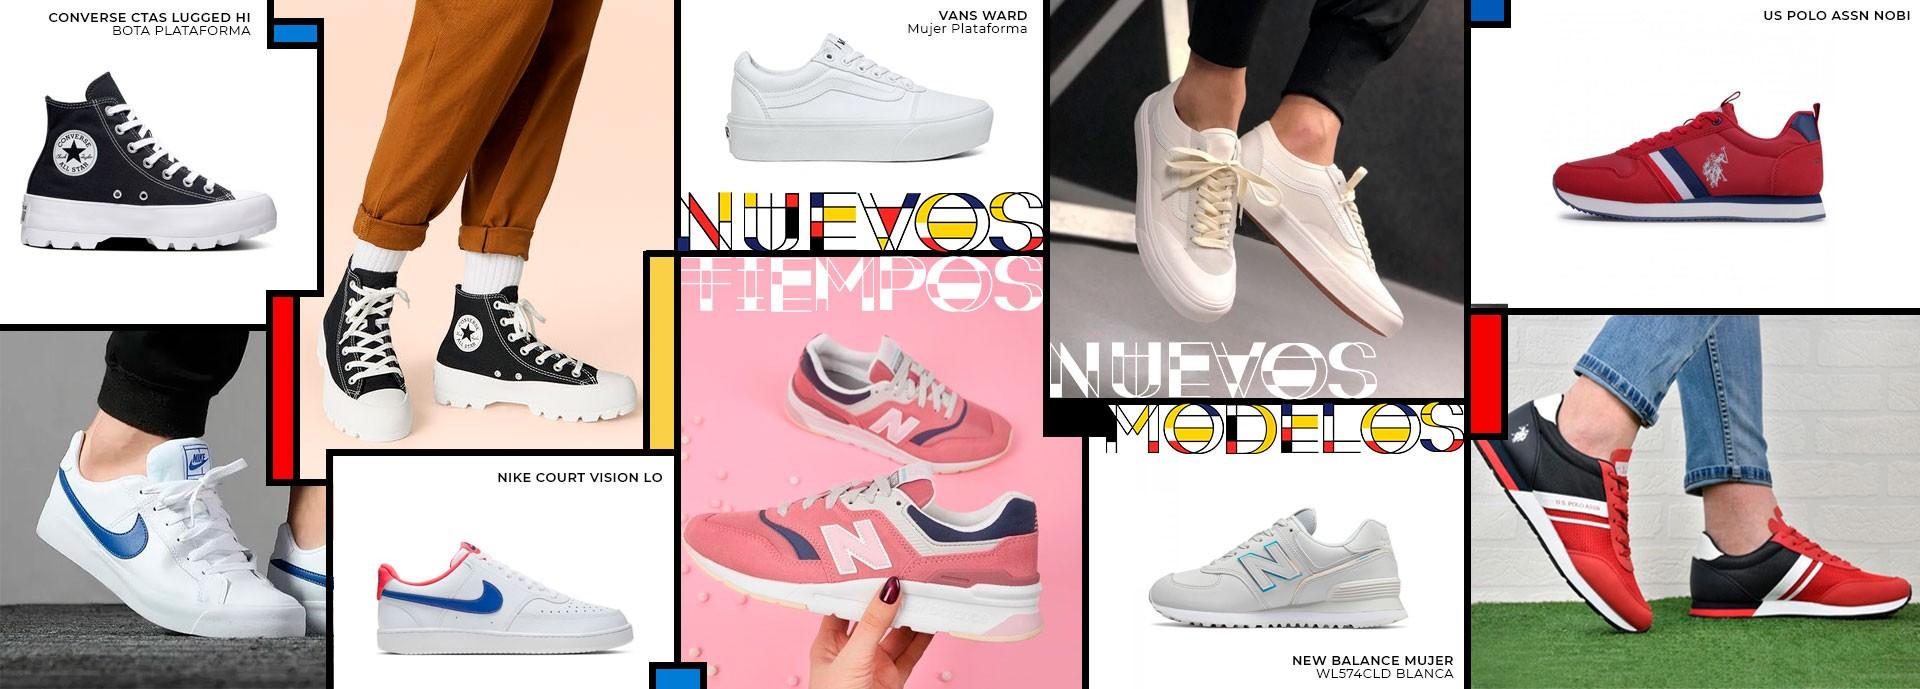 Nuevos modelos de zapatillas